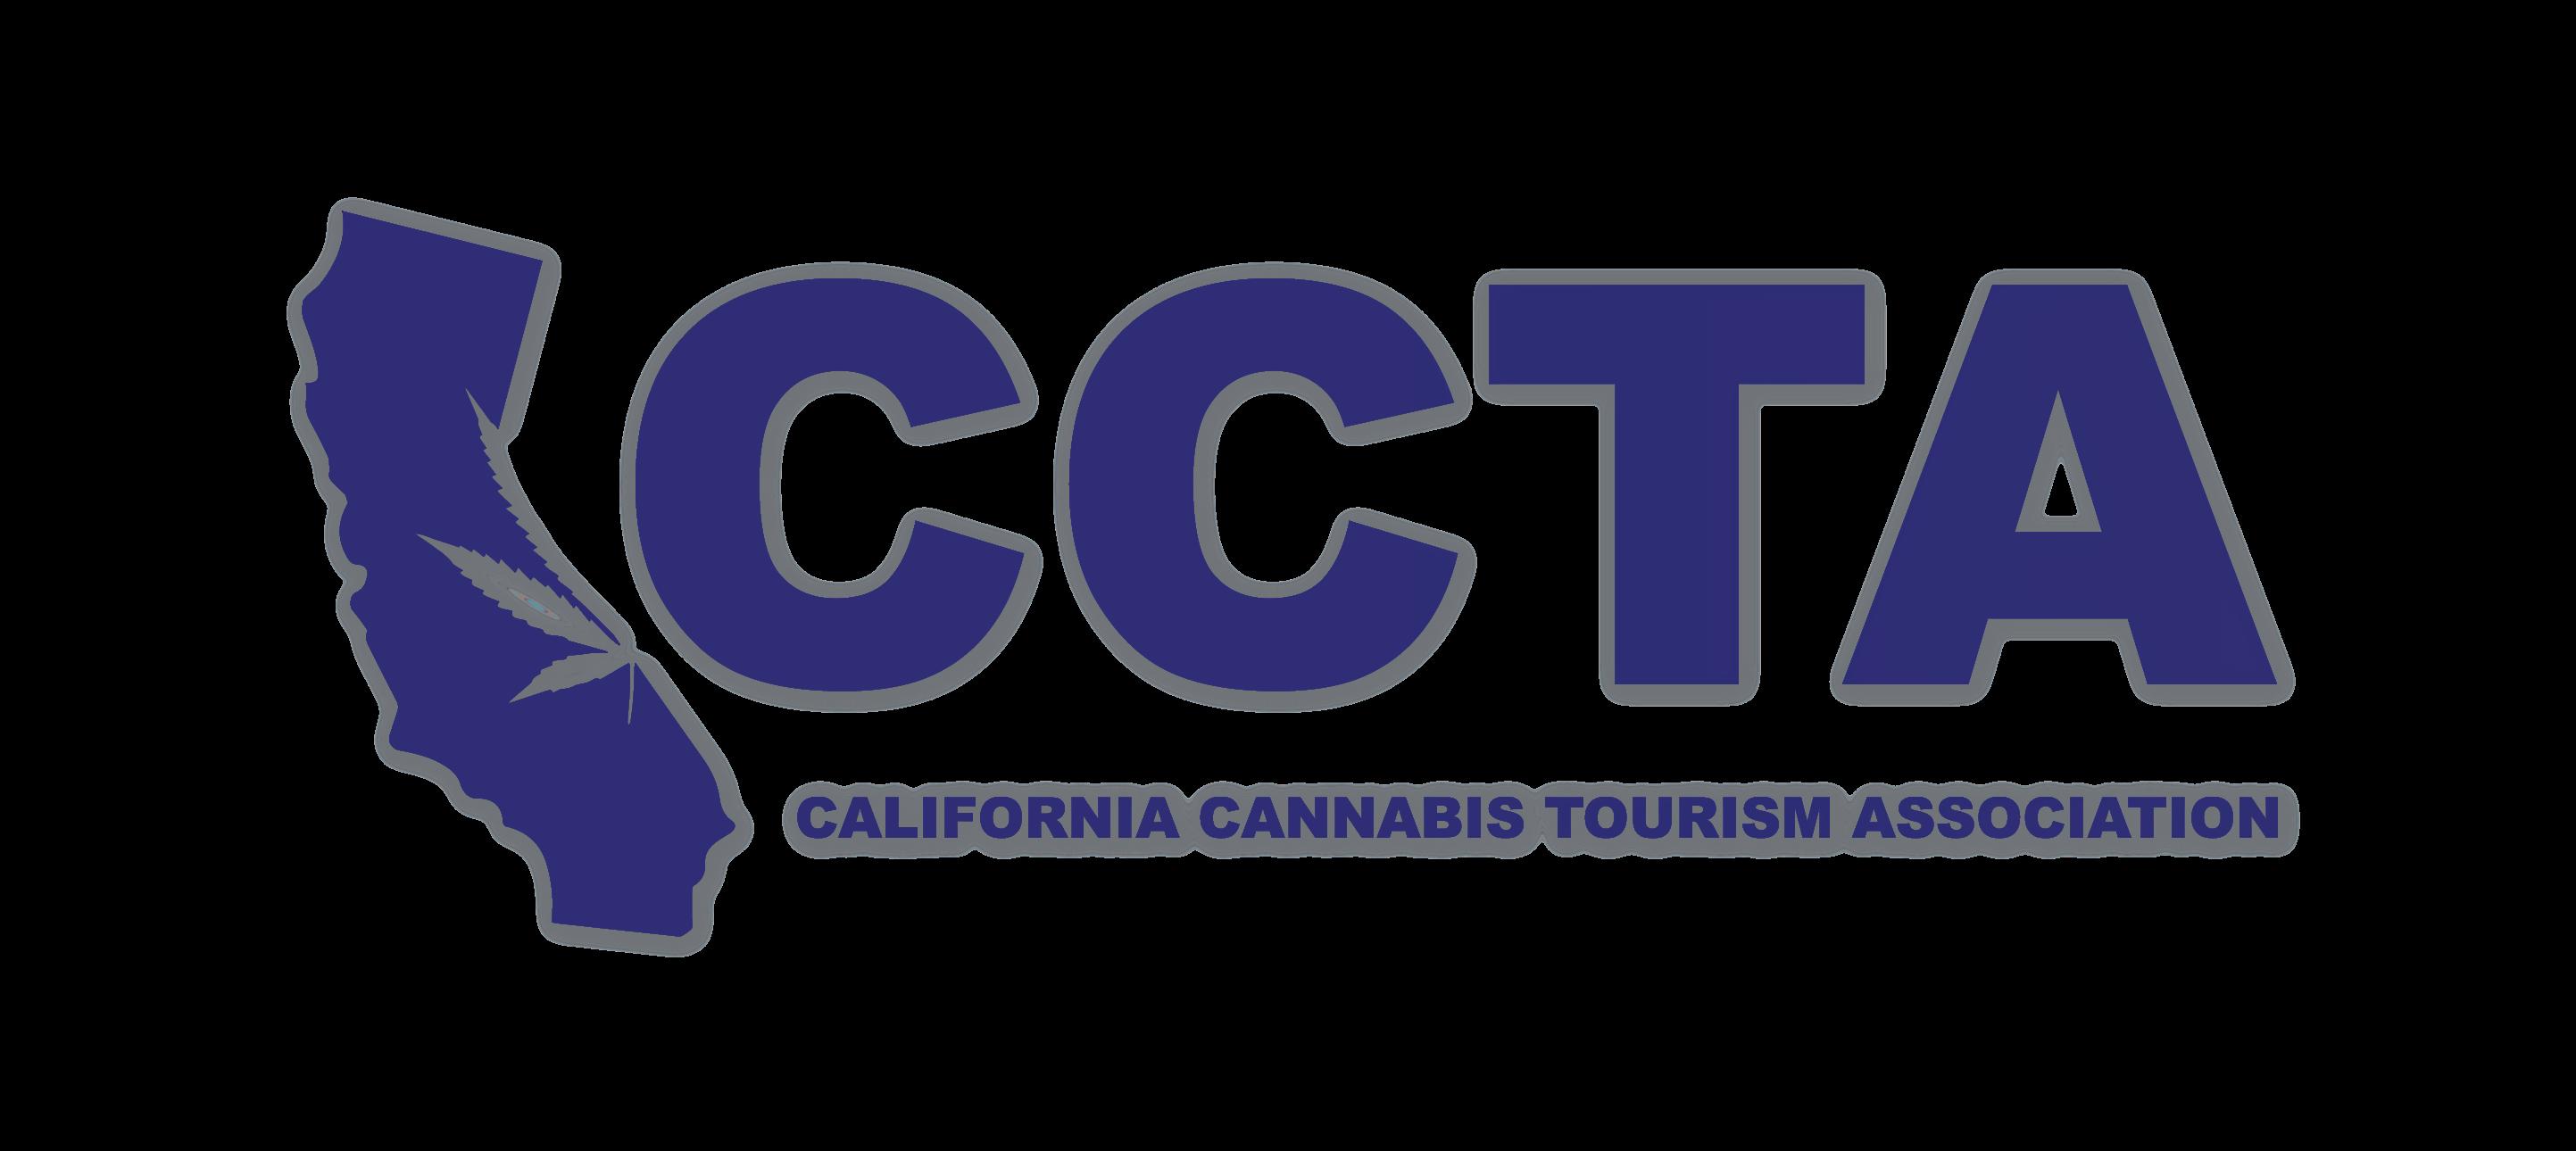 CA Cannabis Tourism Association